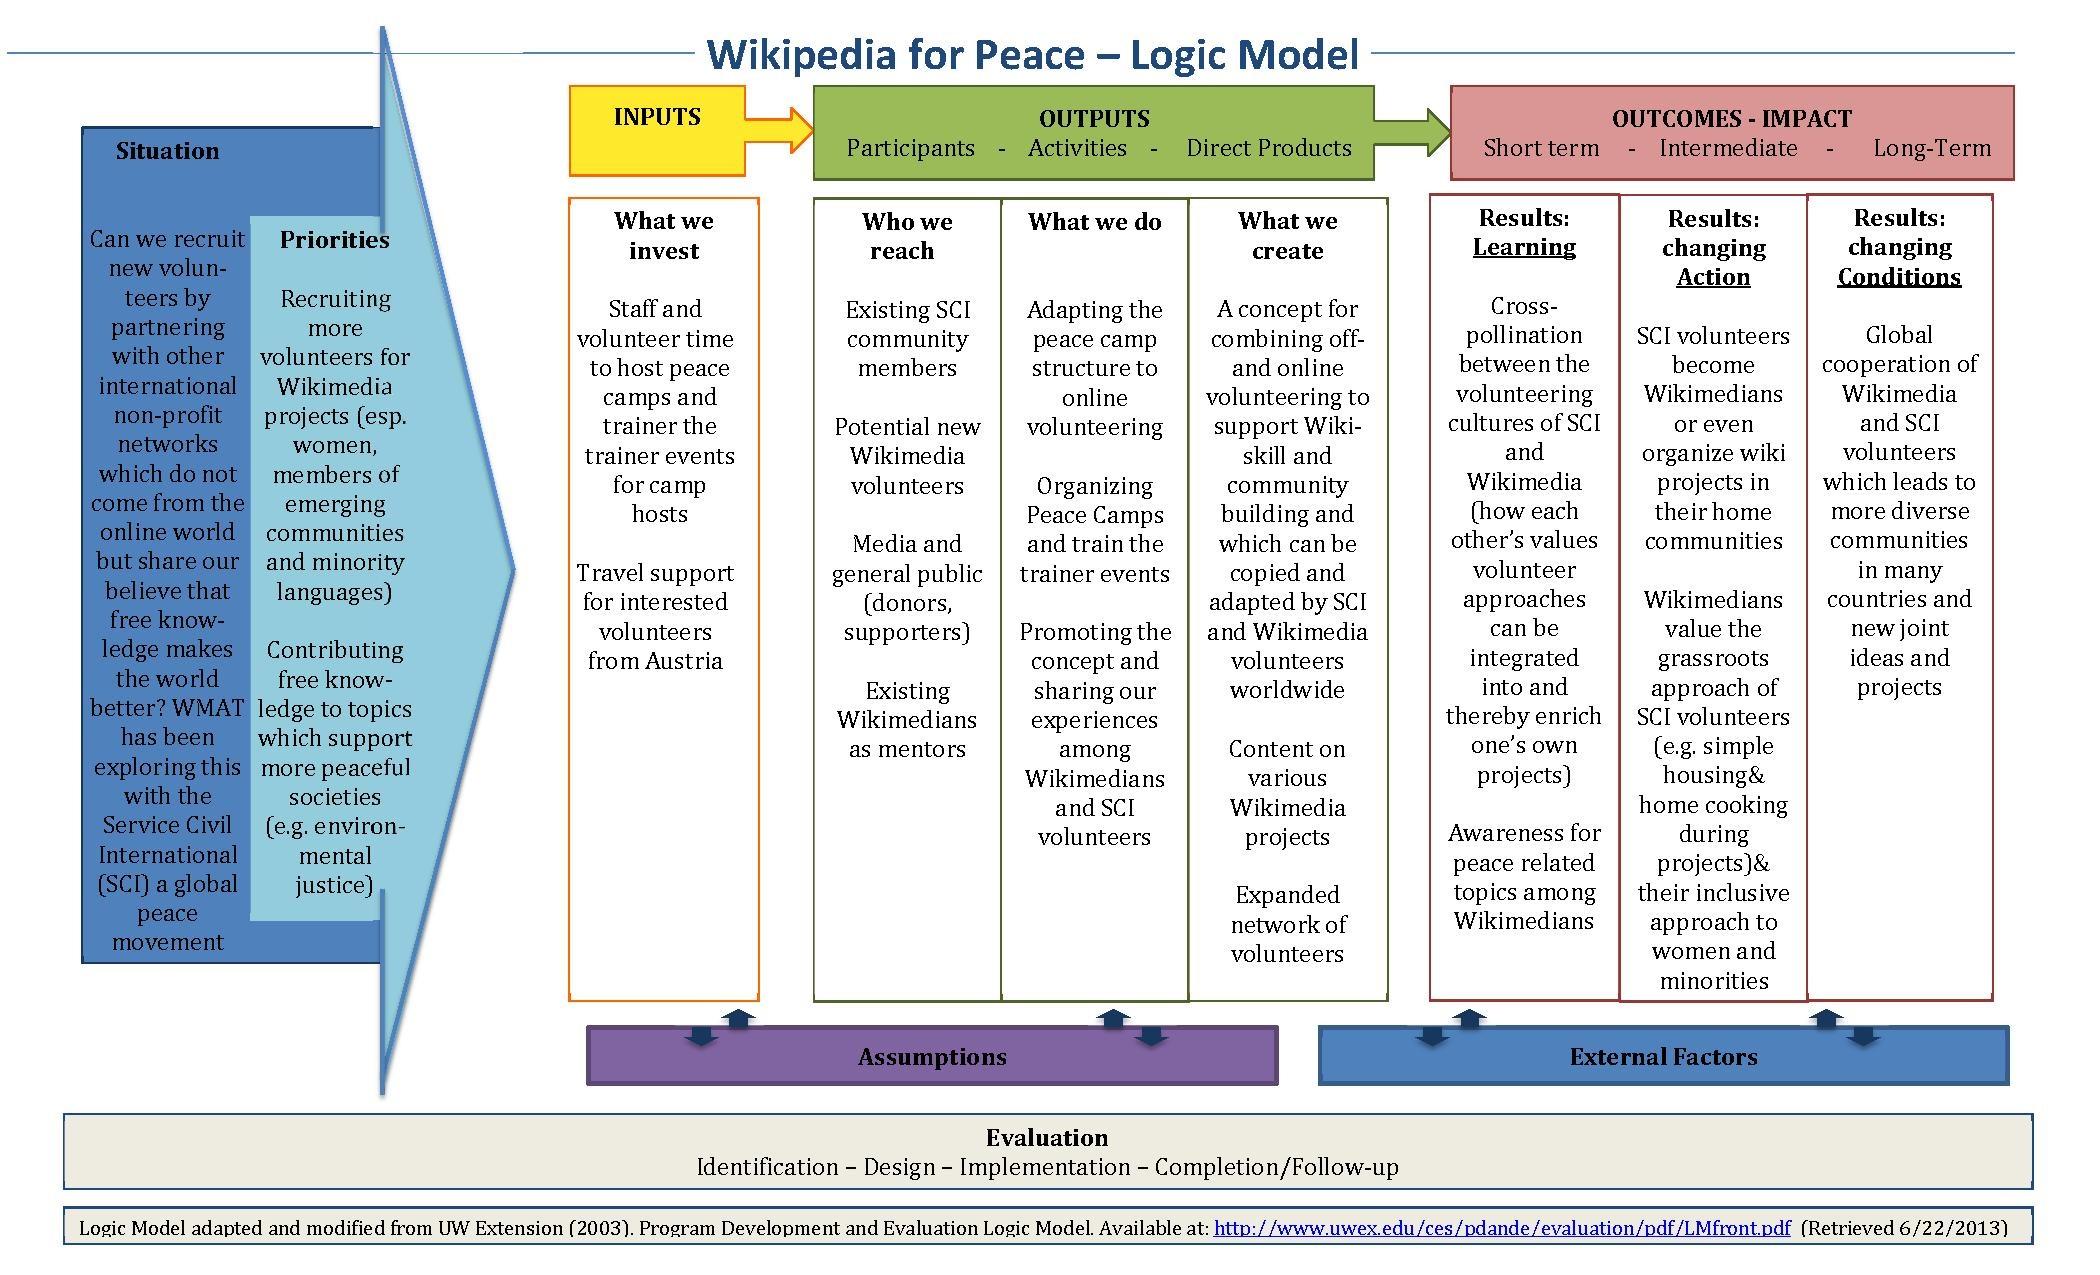 File Logic Model Wikipedia4peace